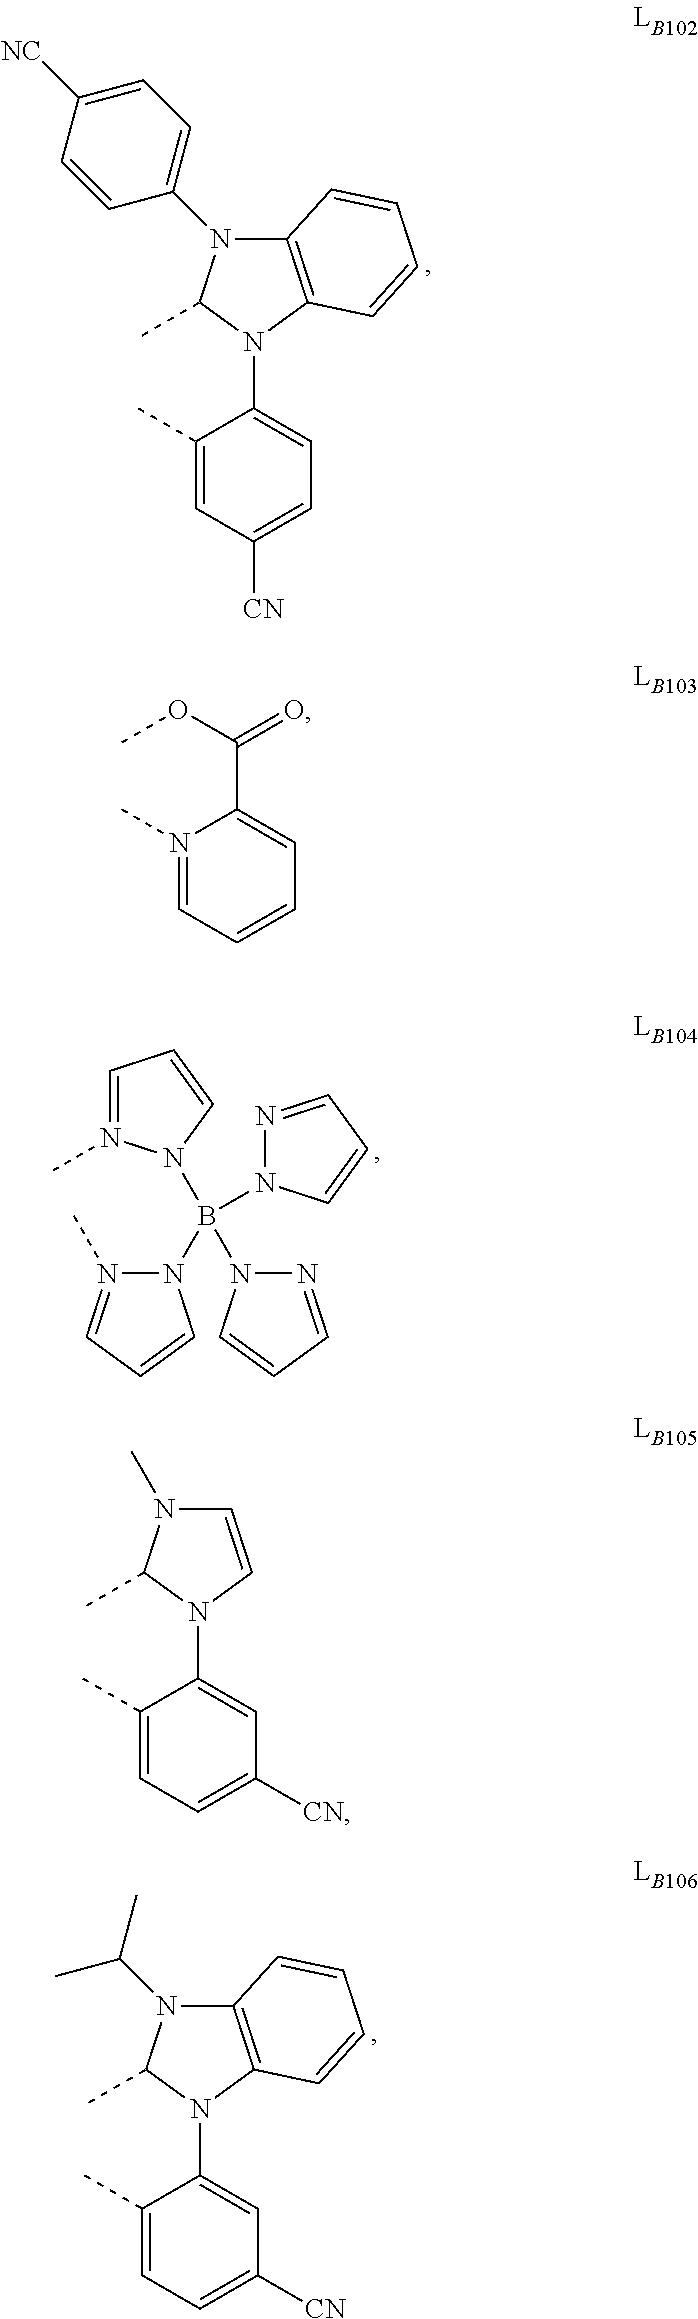 Figure US09905785-20180227-C00520